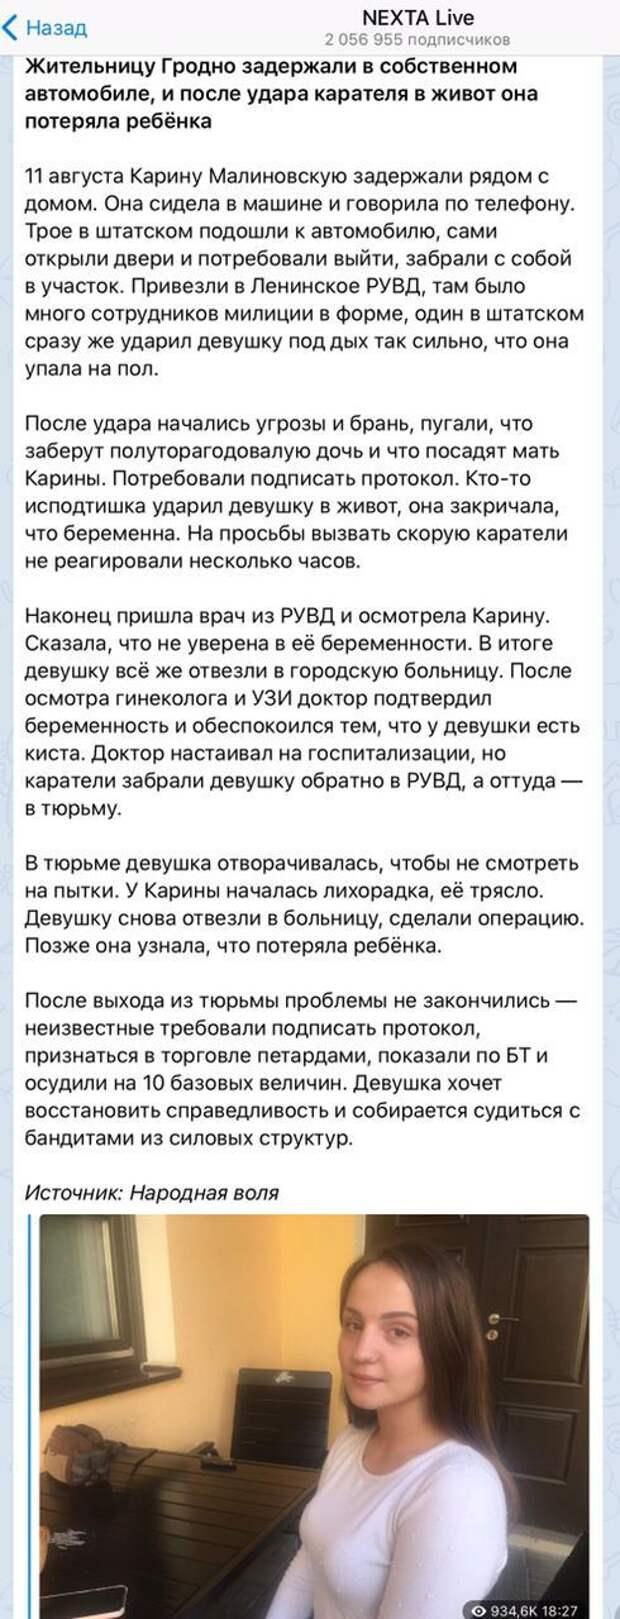 Очередная ложь NEXTA: «Белорусские силовики избили беременную женщину»